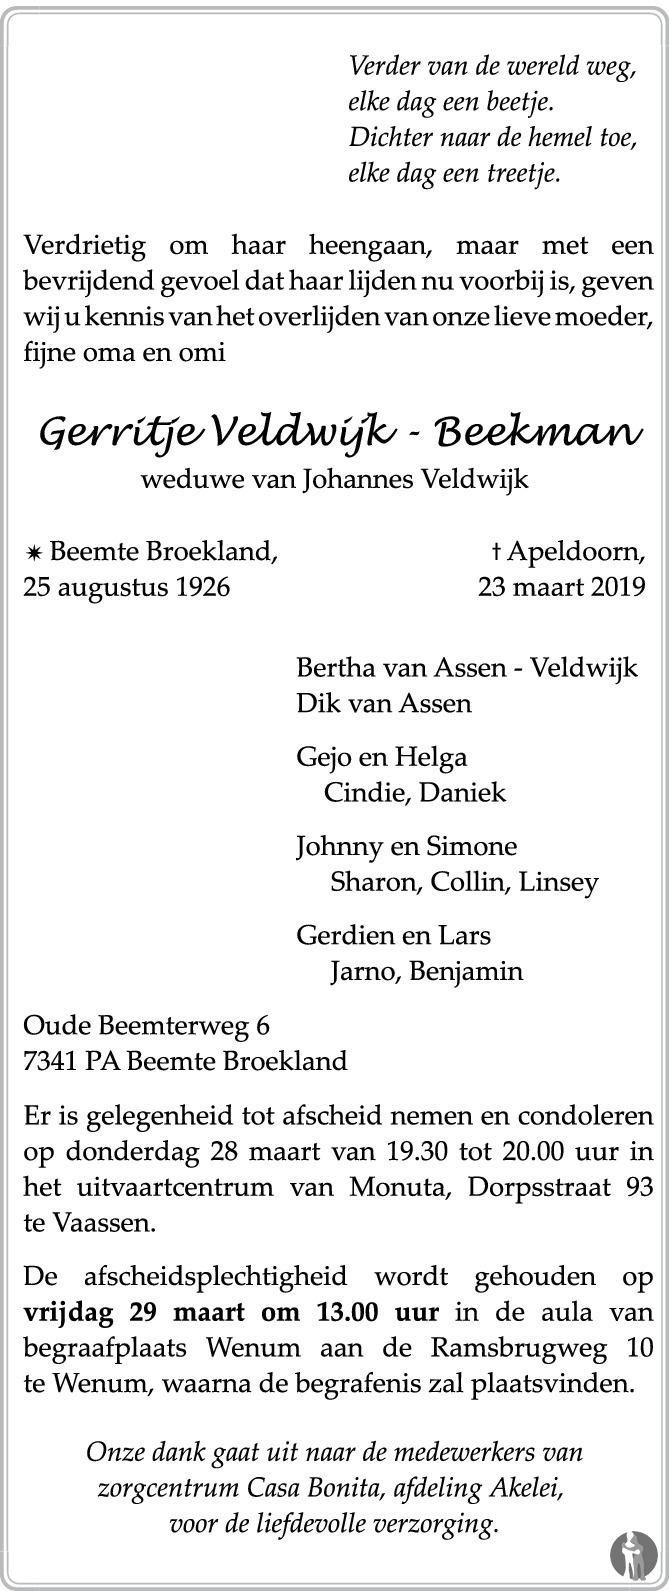 Overlijdensbericht van Gerritje Veldwijk - Beekman in de Stentor